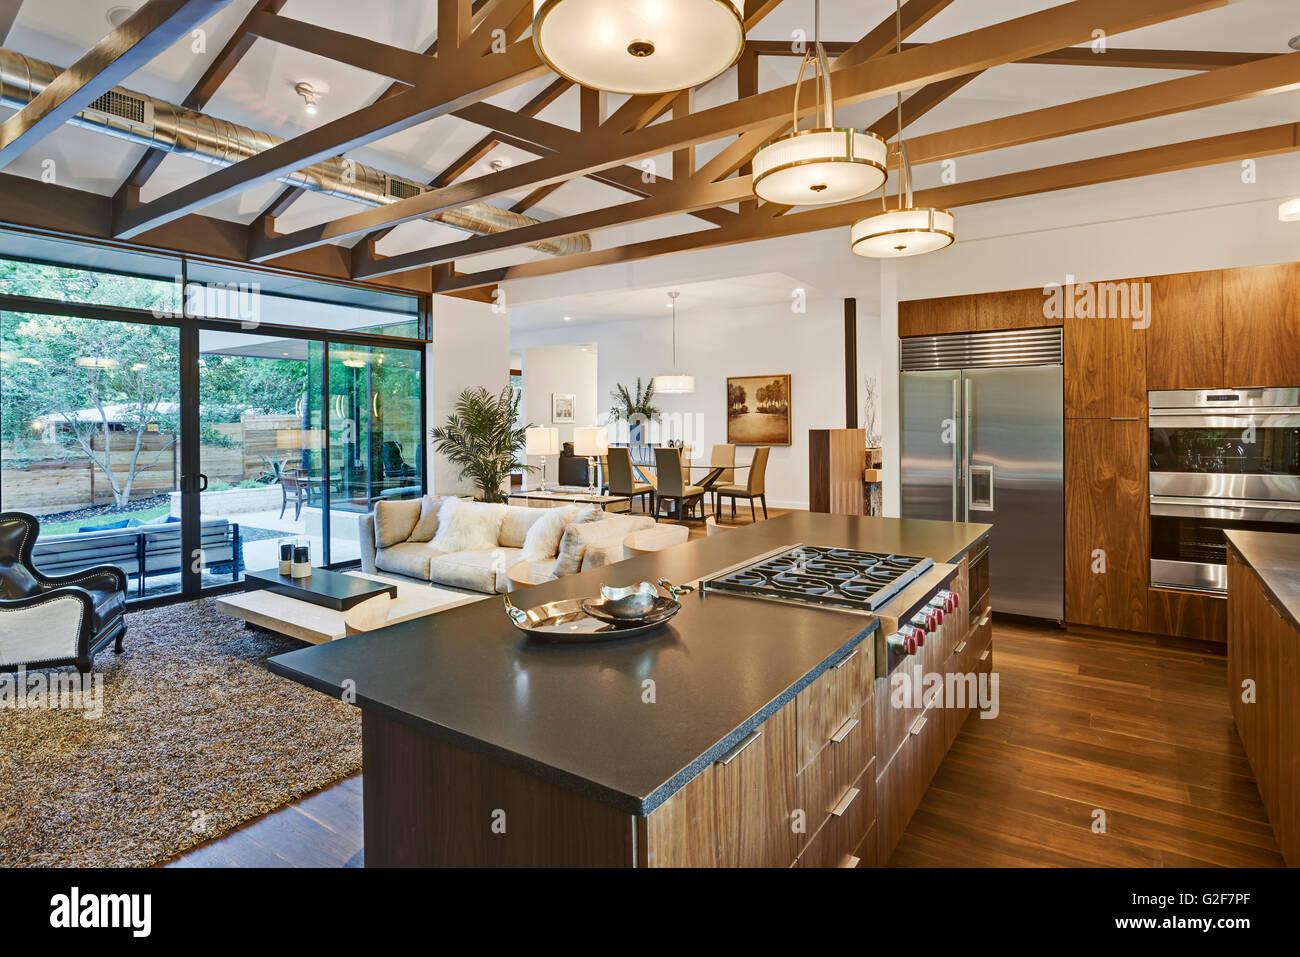 Offener Grundriss des Hauses mit Küche, Wohnzimmer und Esszimmer ...